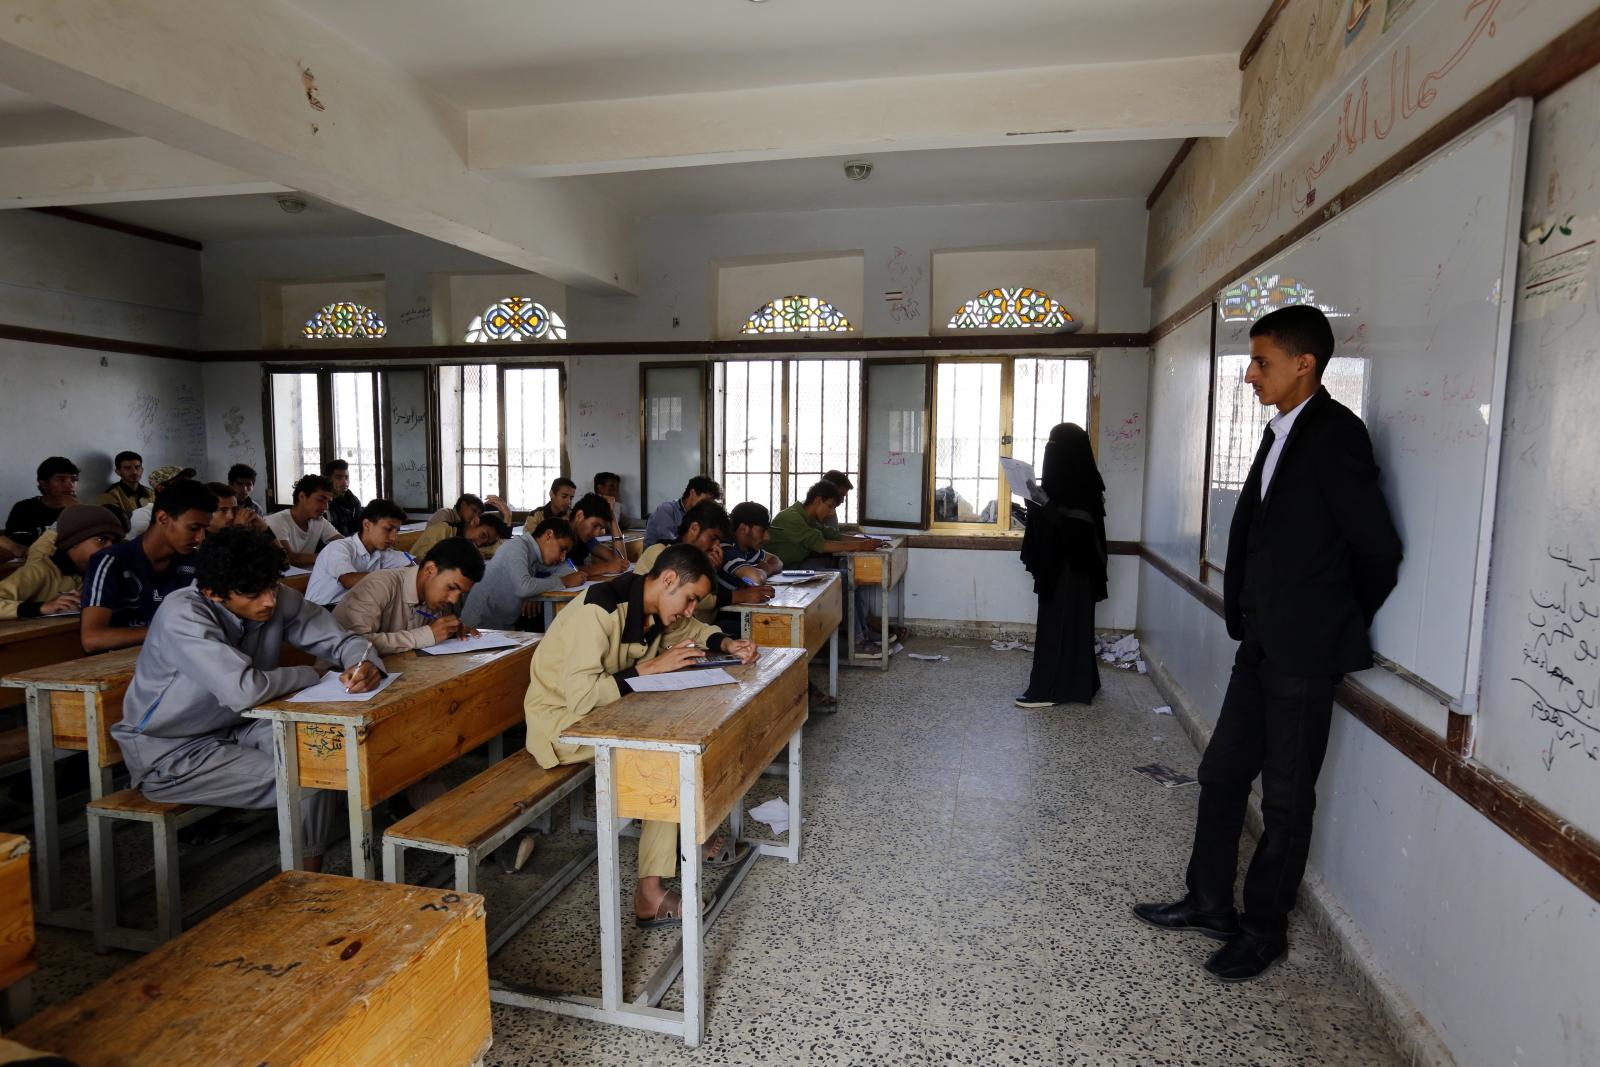 Egzaminy w Jemenie. Fot. PAP/EPA/YAHYA ARHAB